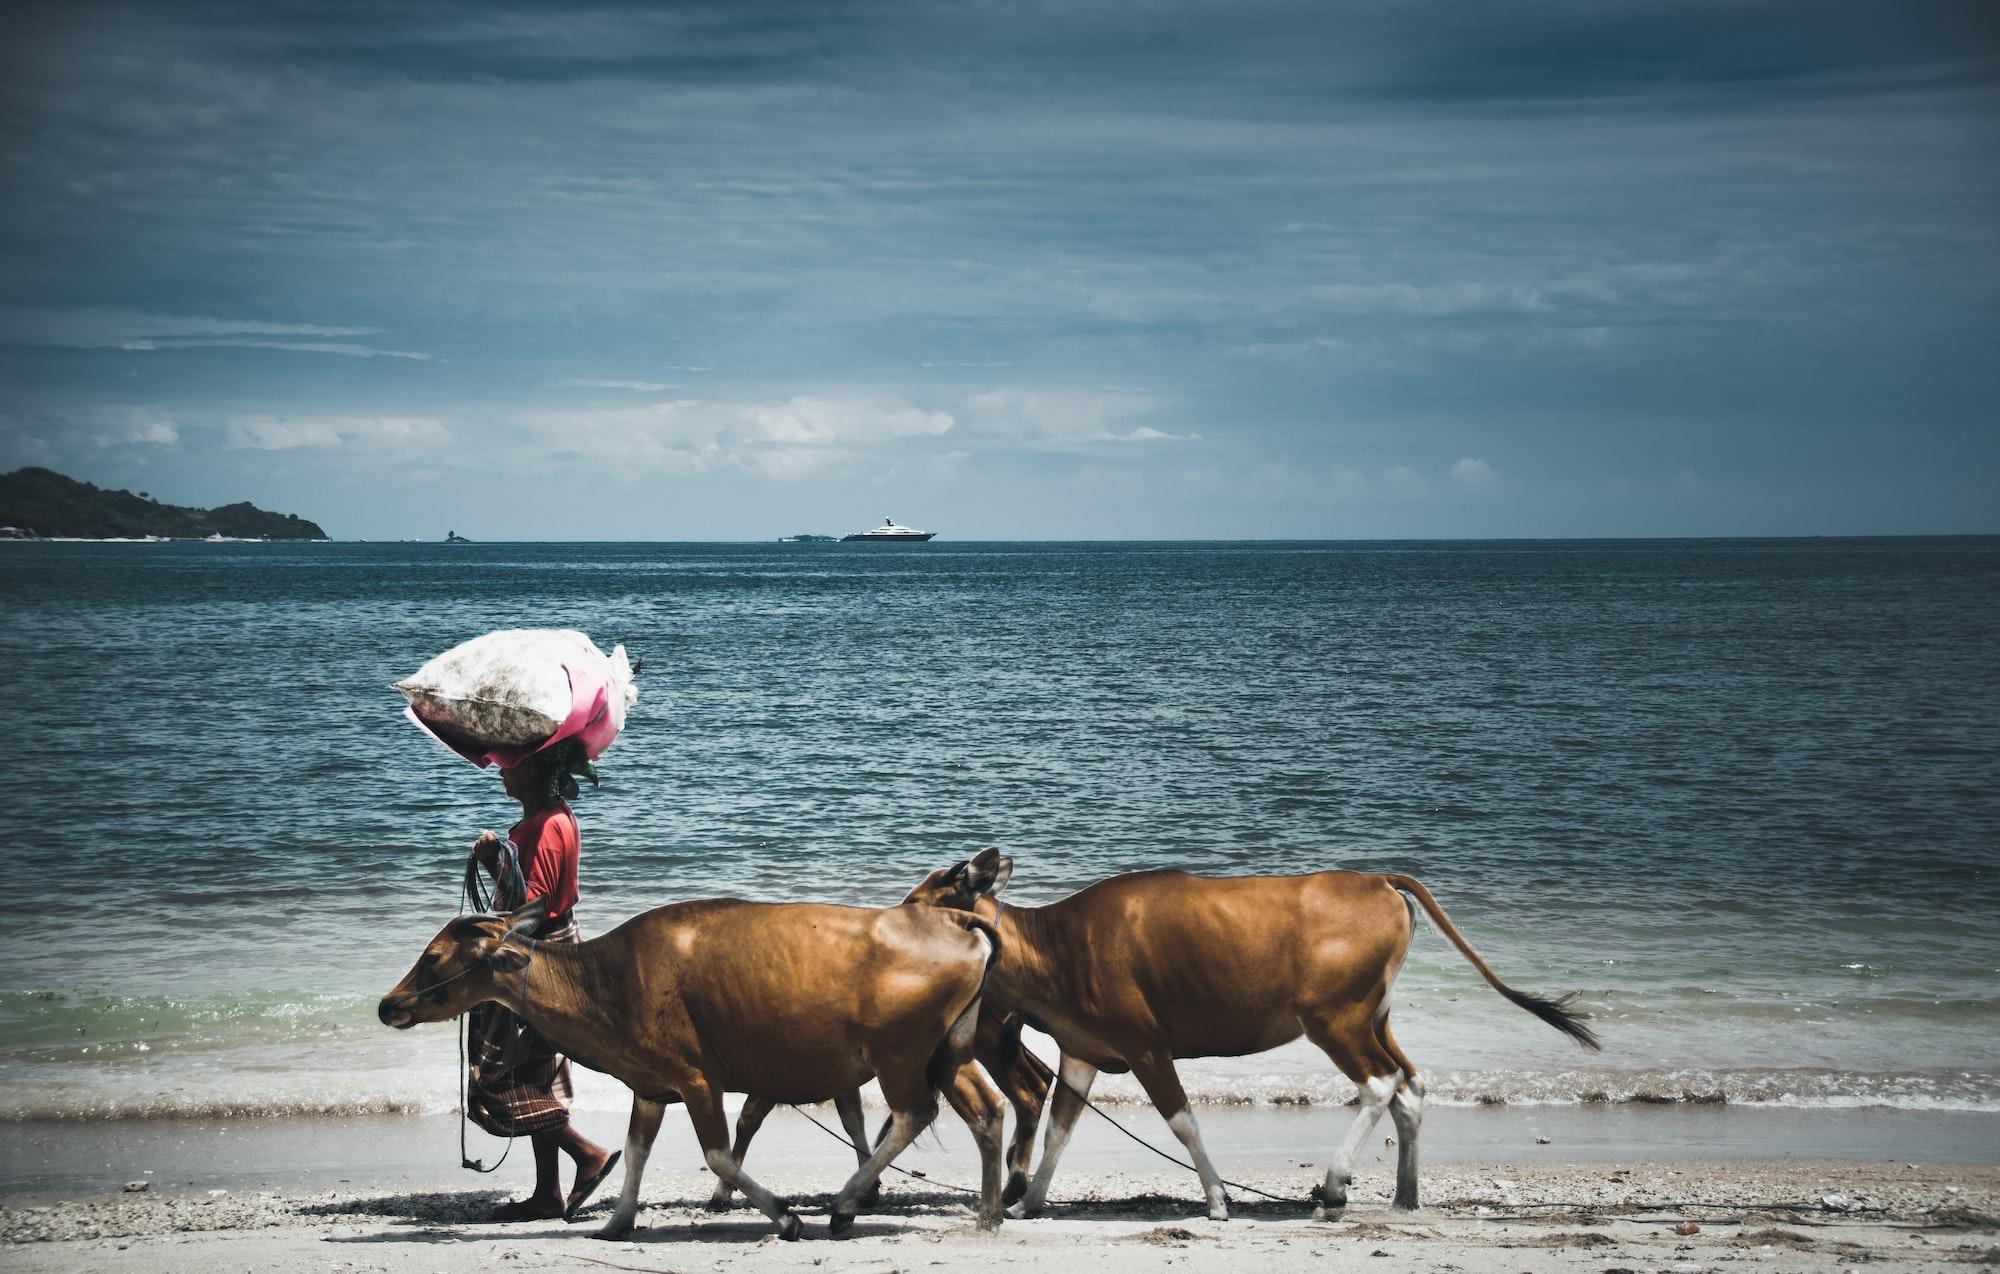 Коровы на пляже в Индонезии. Фотографии местных жителей Азии